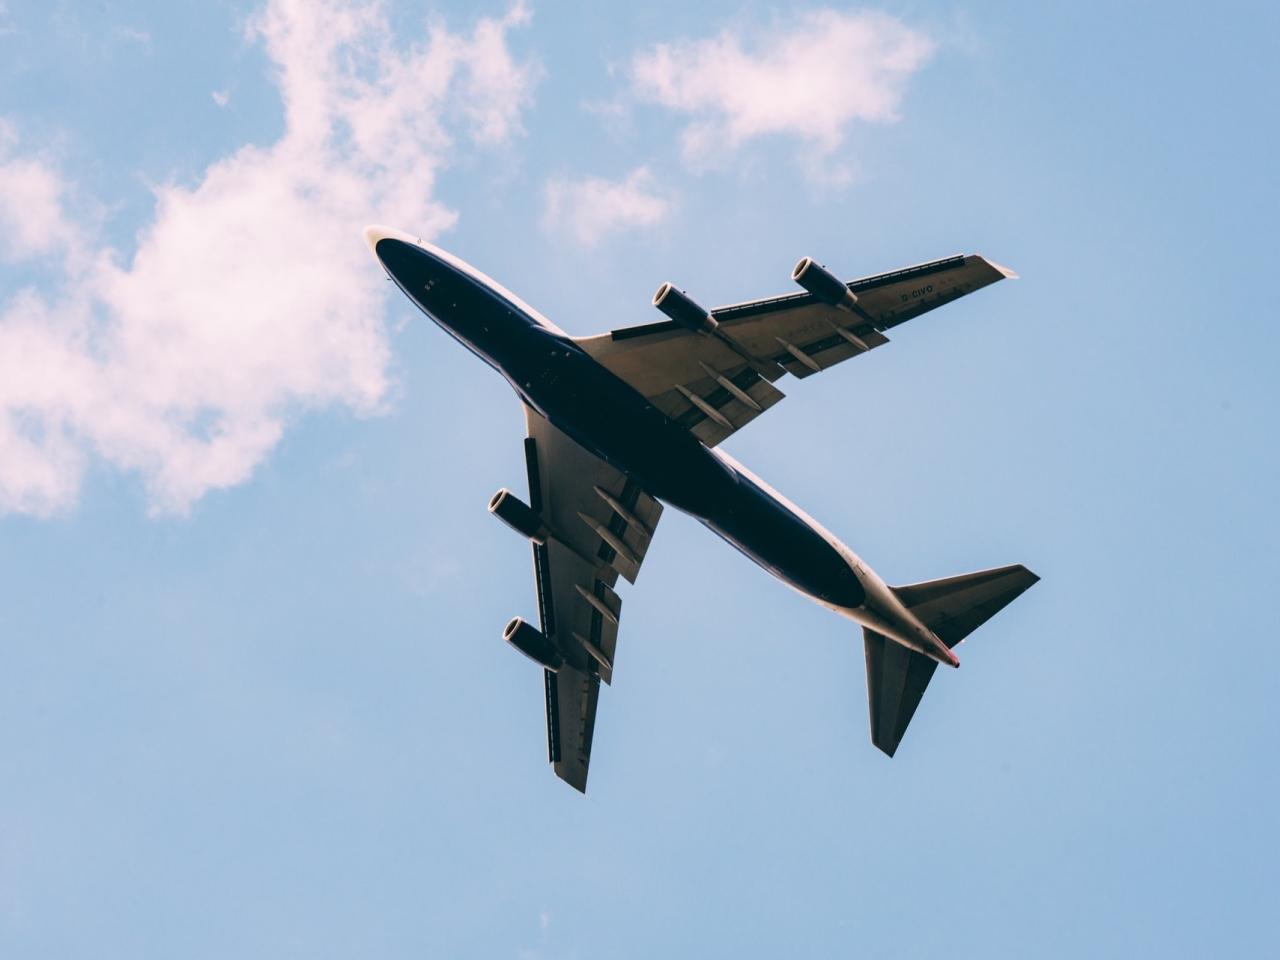 Fliegen zu Corona-Zeiten | Unplanned